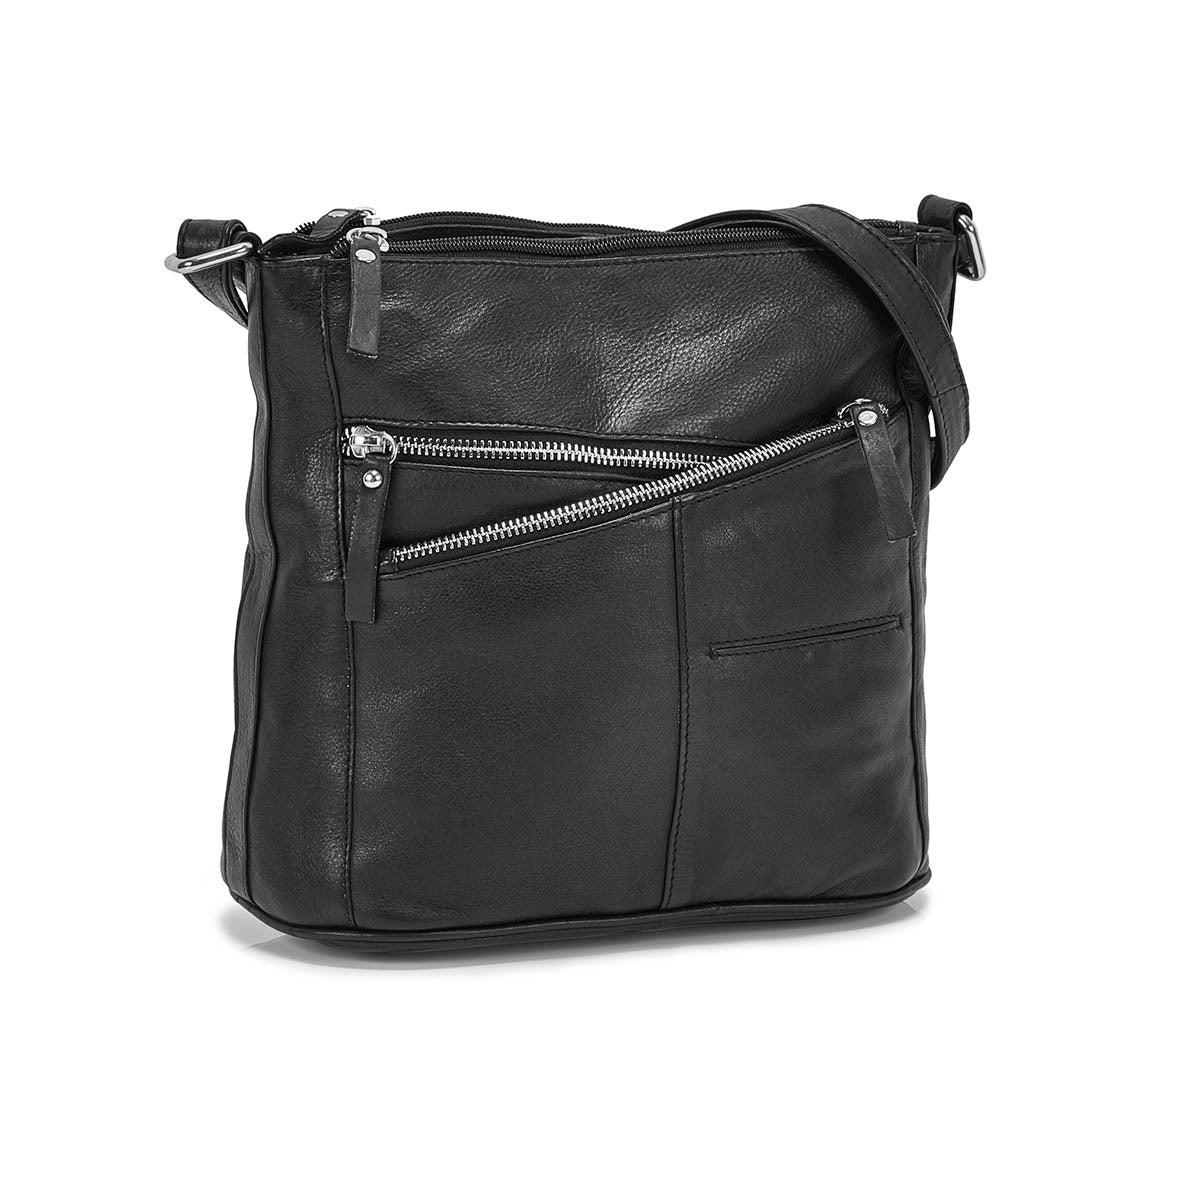 Lds Caroline blk 2 top zip crossbody bag